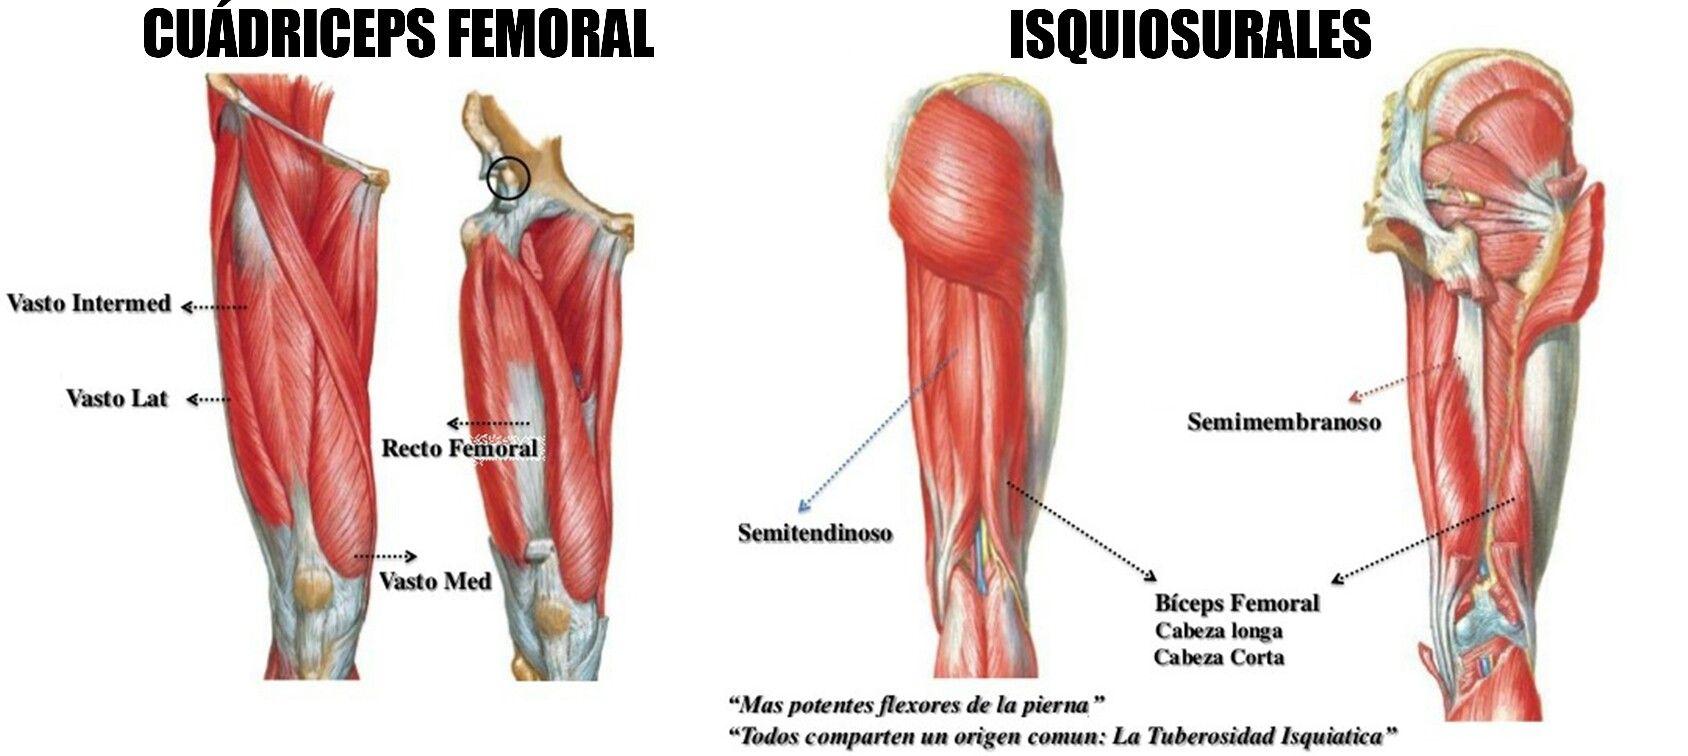 Único Etiquetado Anatomía Muscular Galería - Anatomía de Las ...